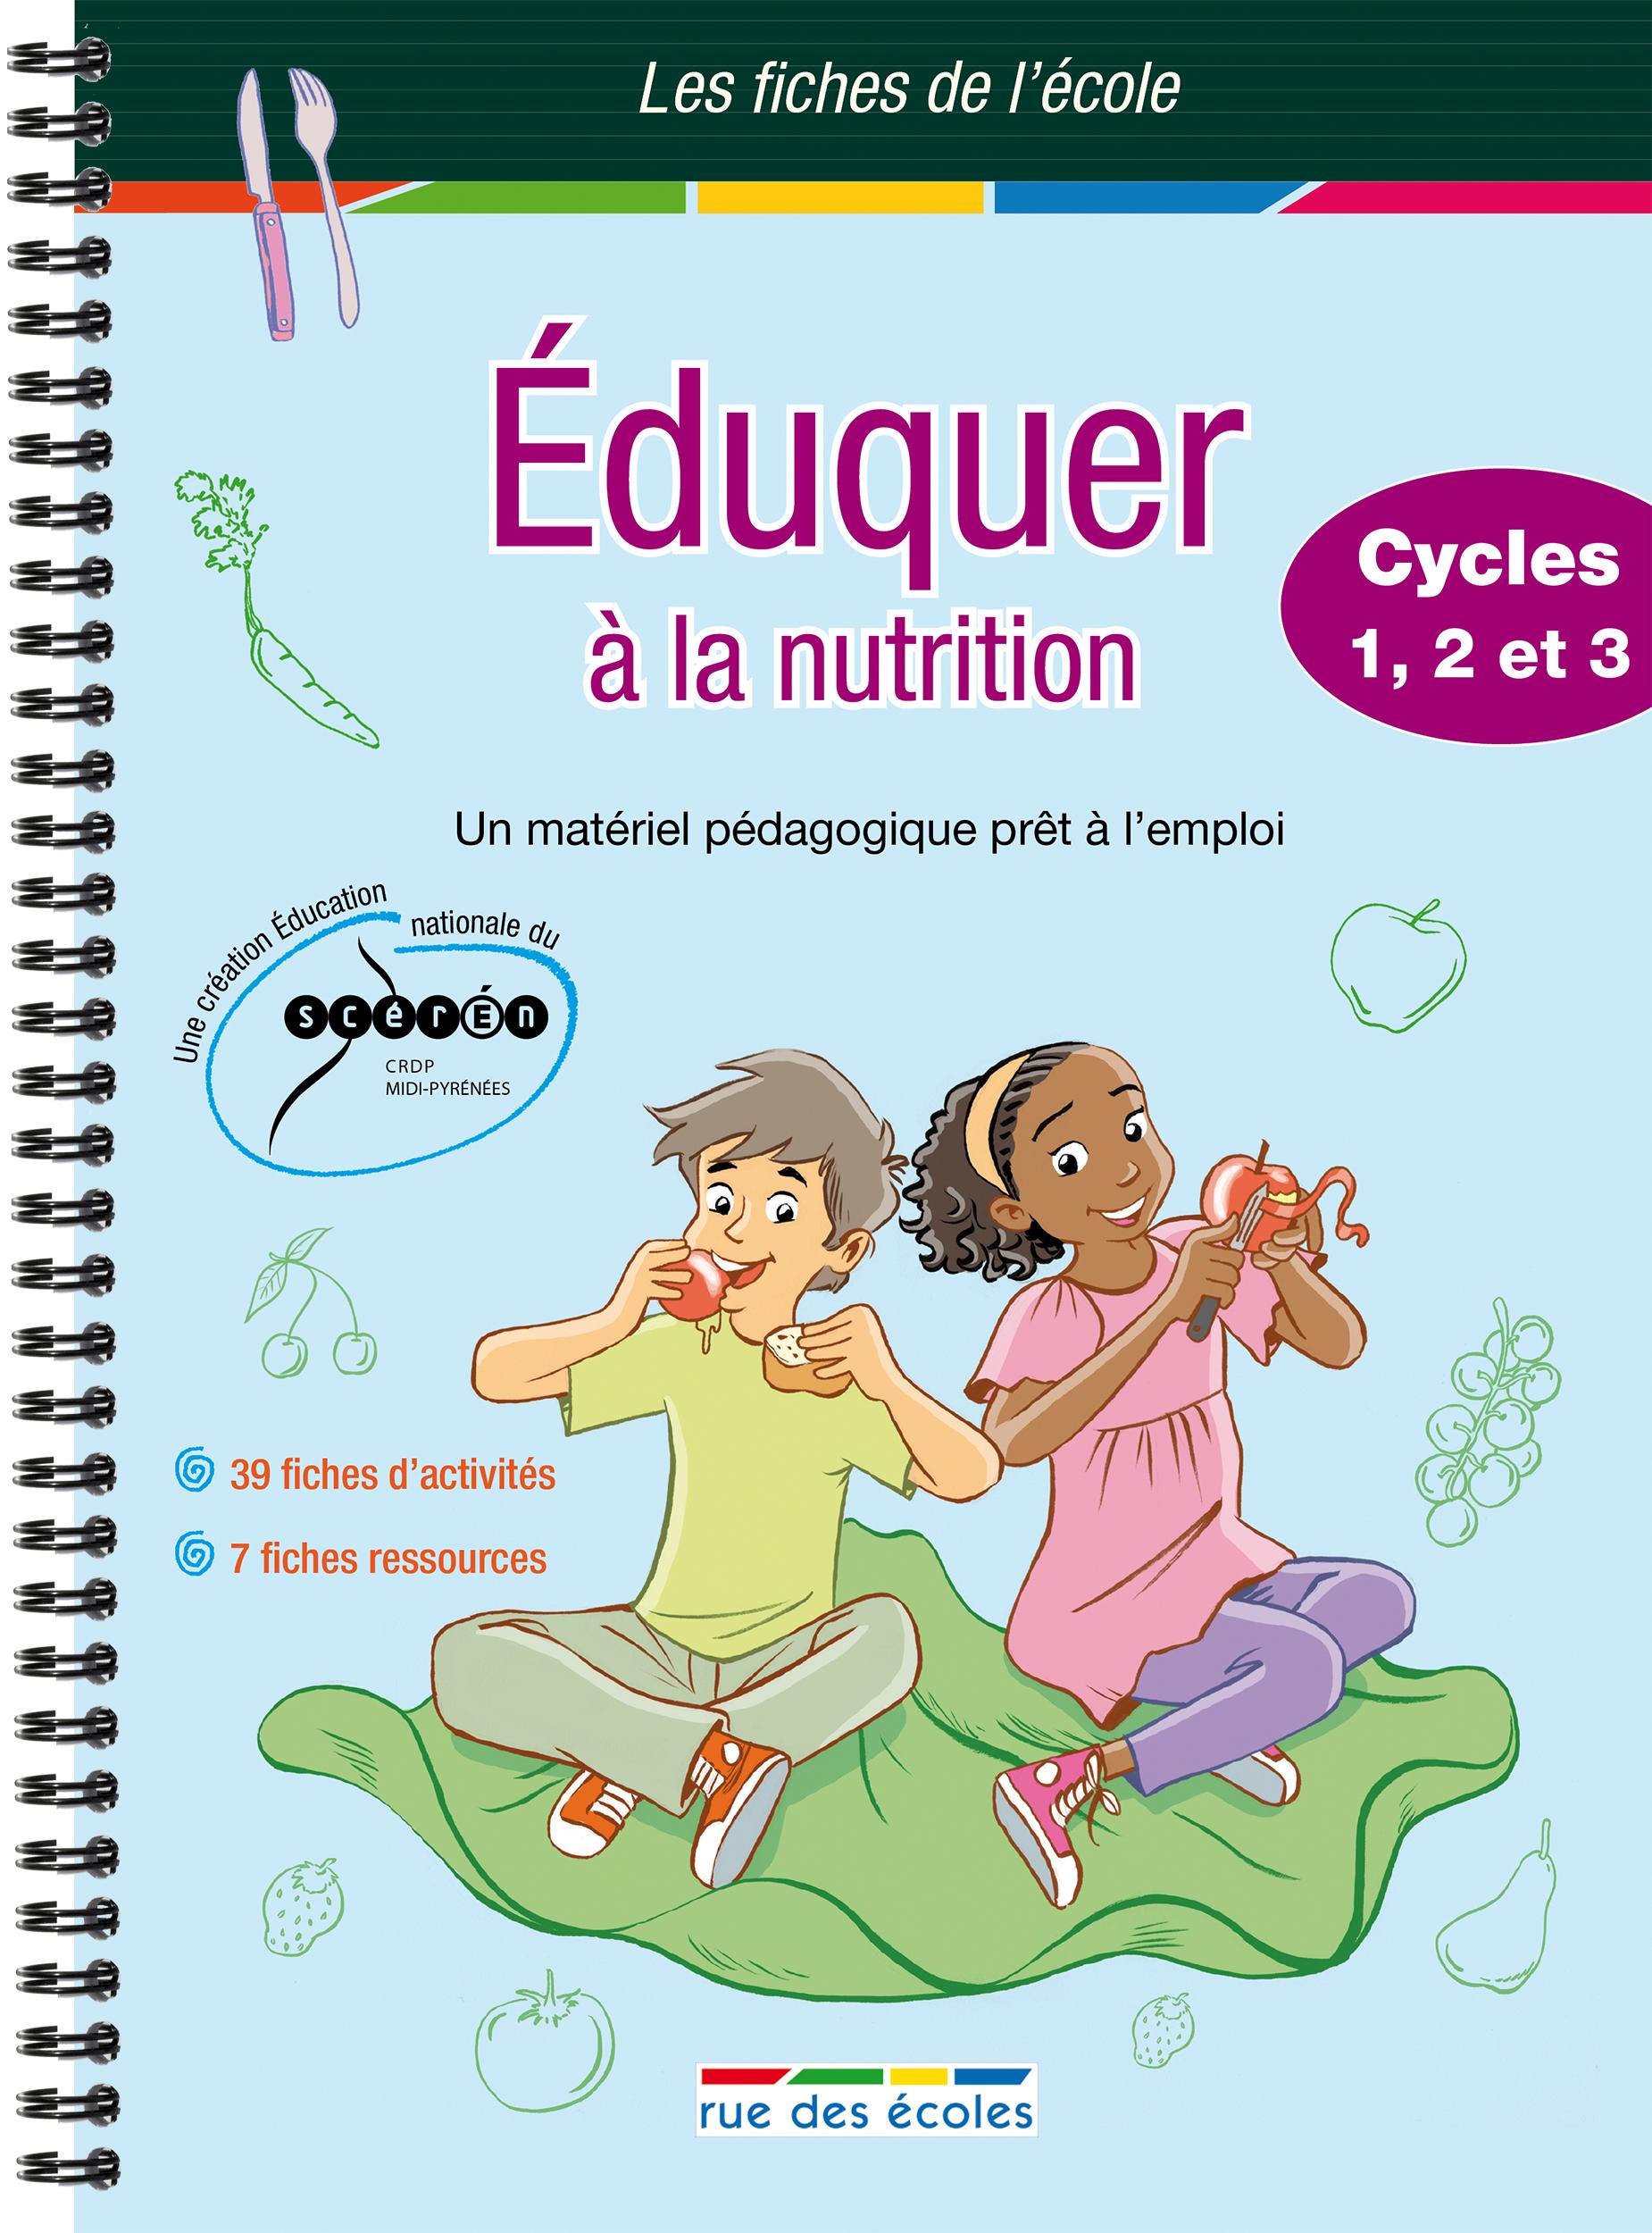 EDUQUER A LA NUTRITION CYCLES 1 2 3